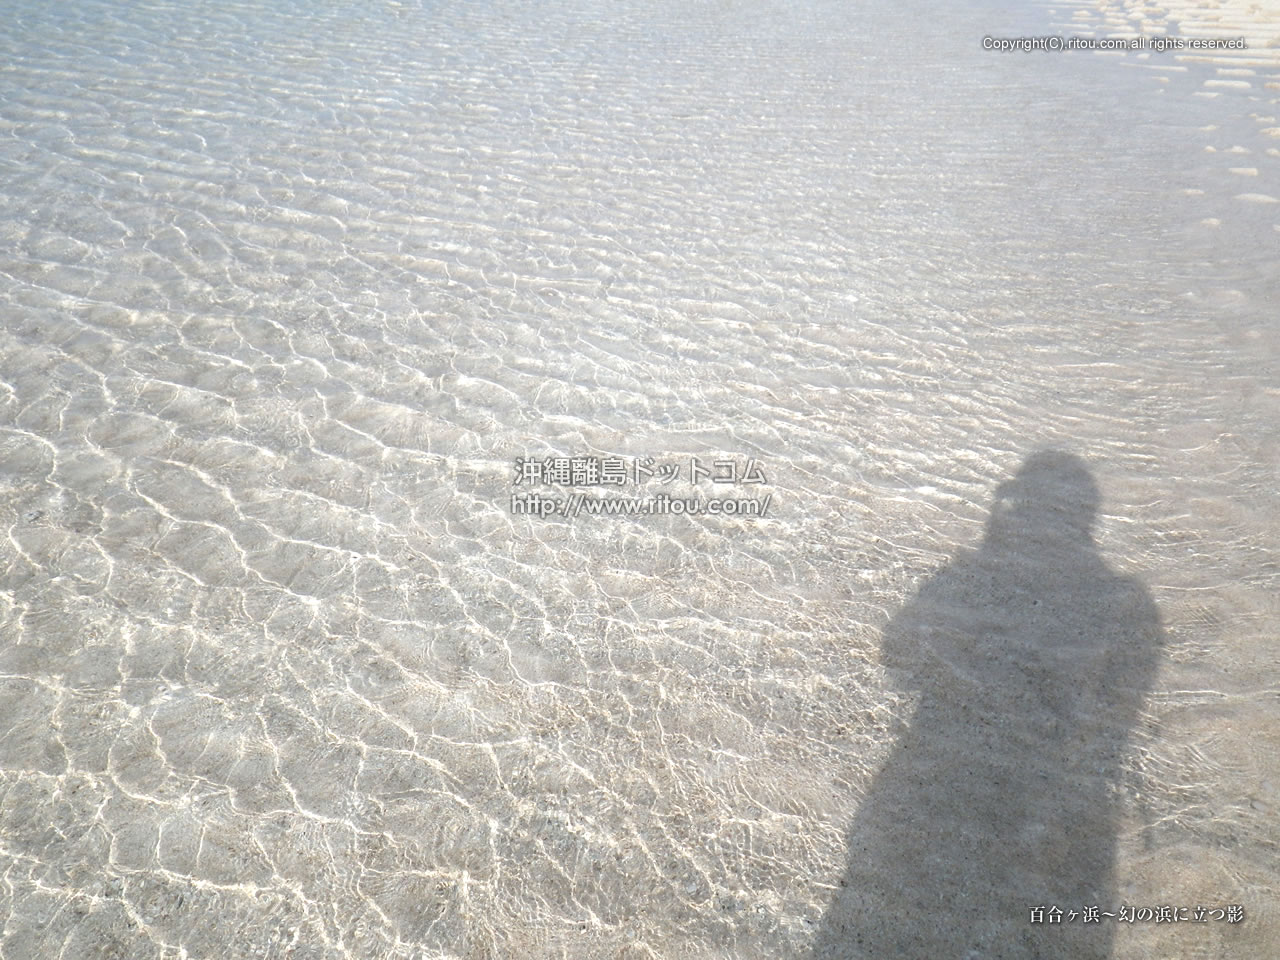 百合ヶ浜〜幻の浜に立つ影